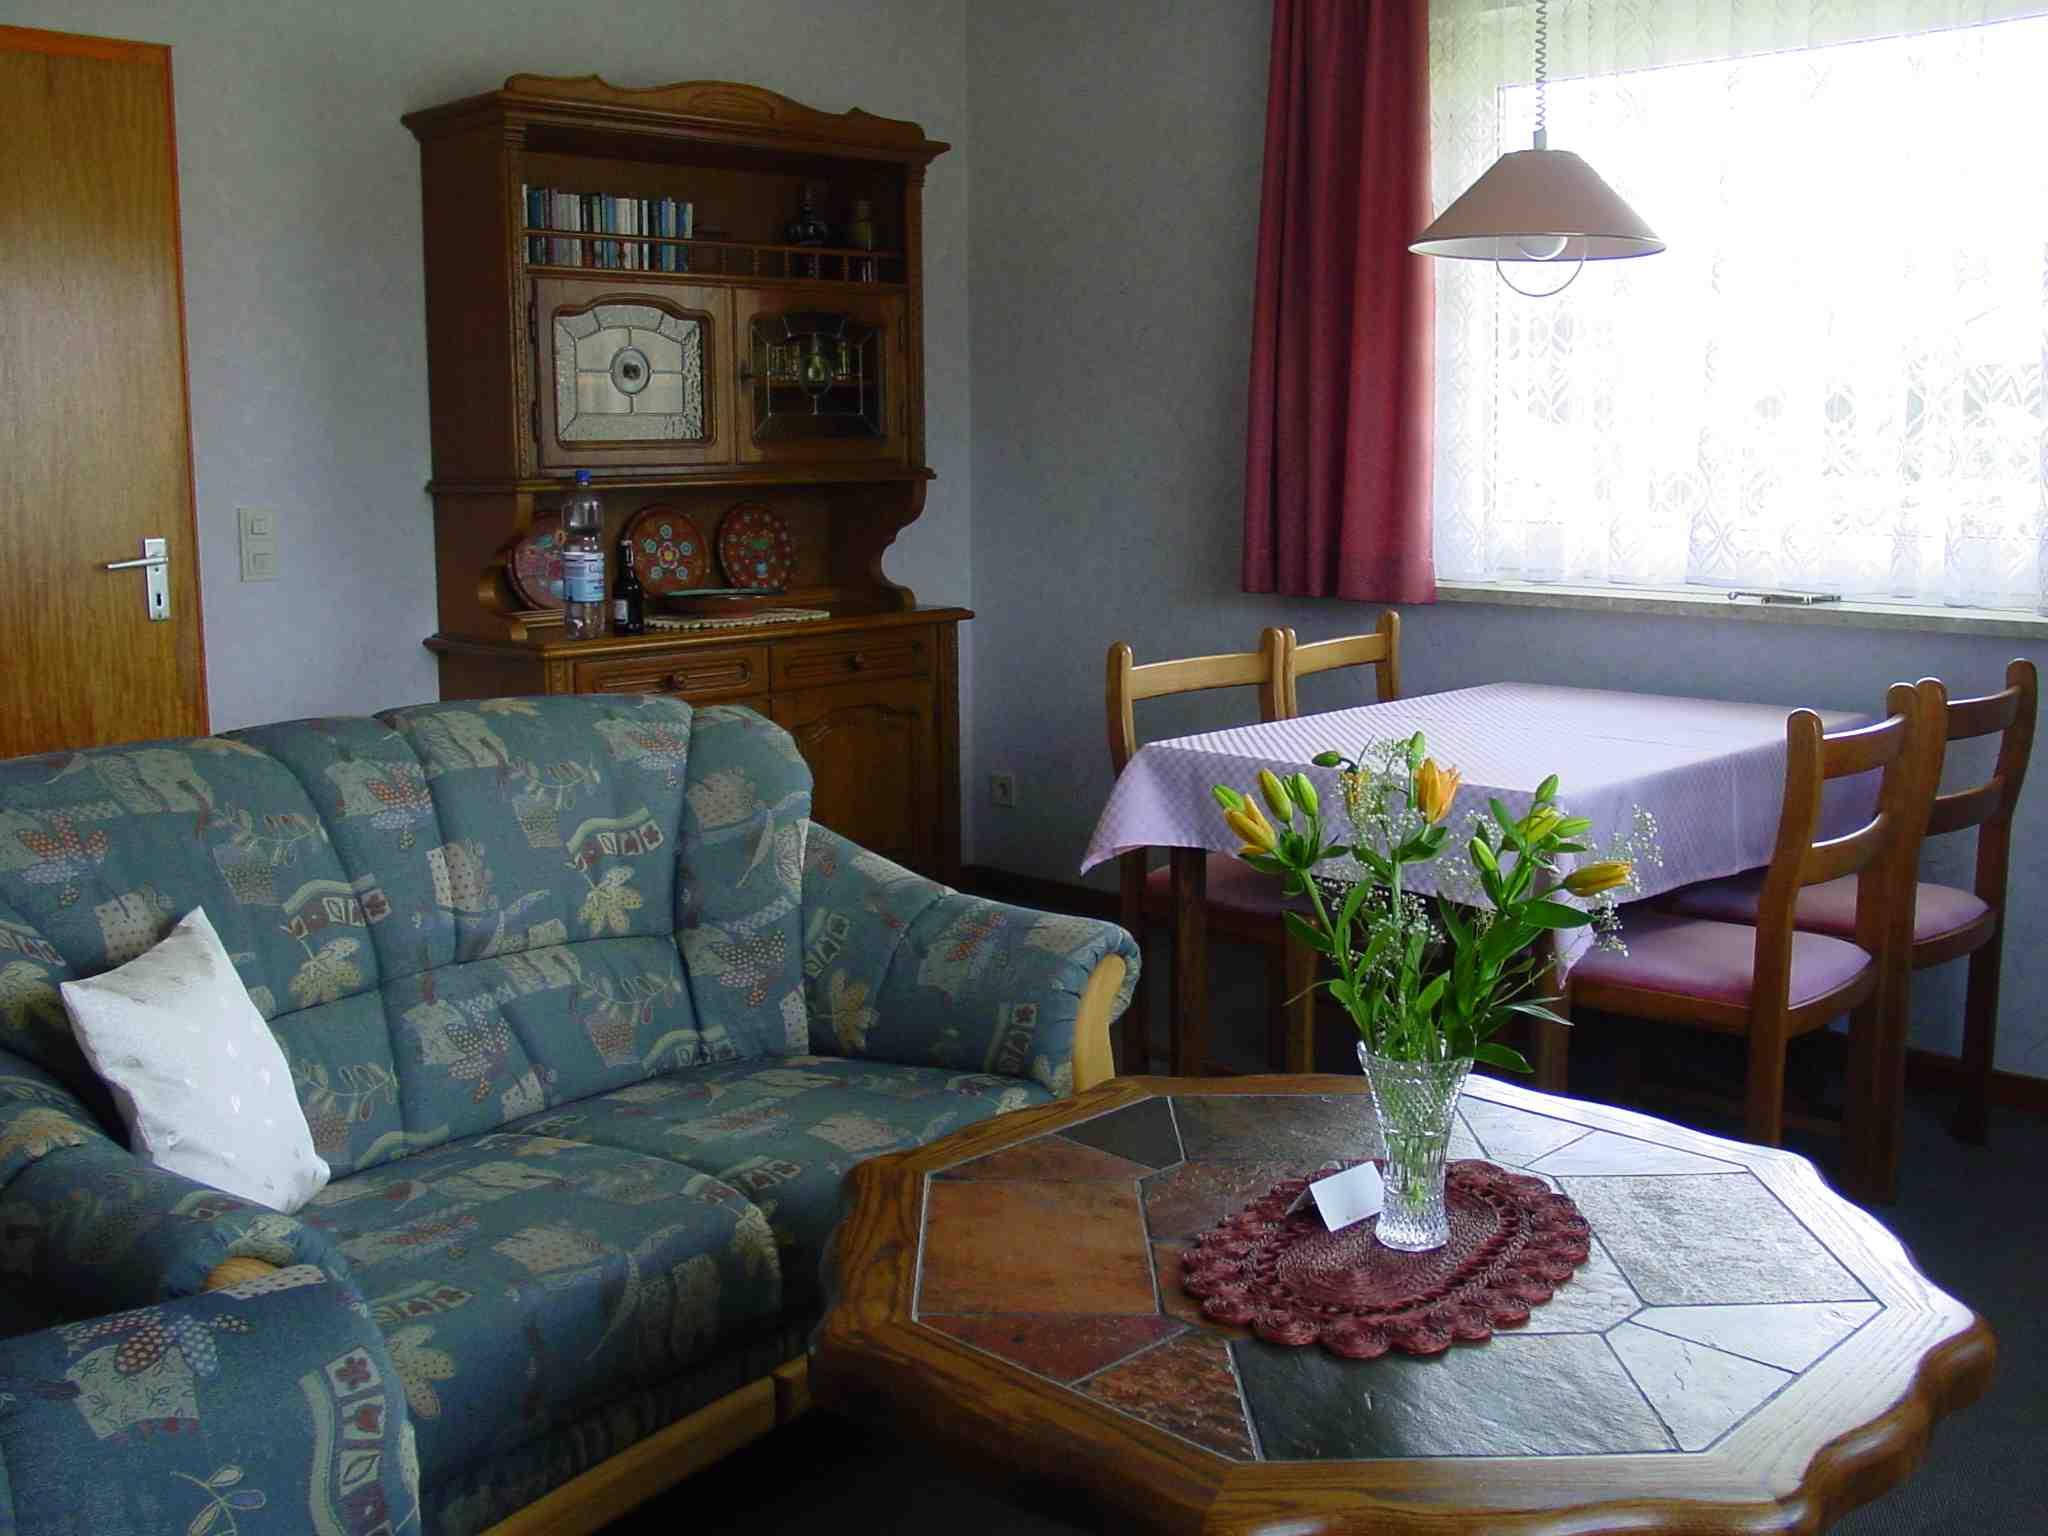 excellent wohnzimmer mit x sitzcouch esstisch und sthle mit schrank radio und telefon with couch fr esstisch